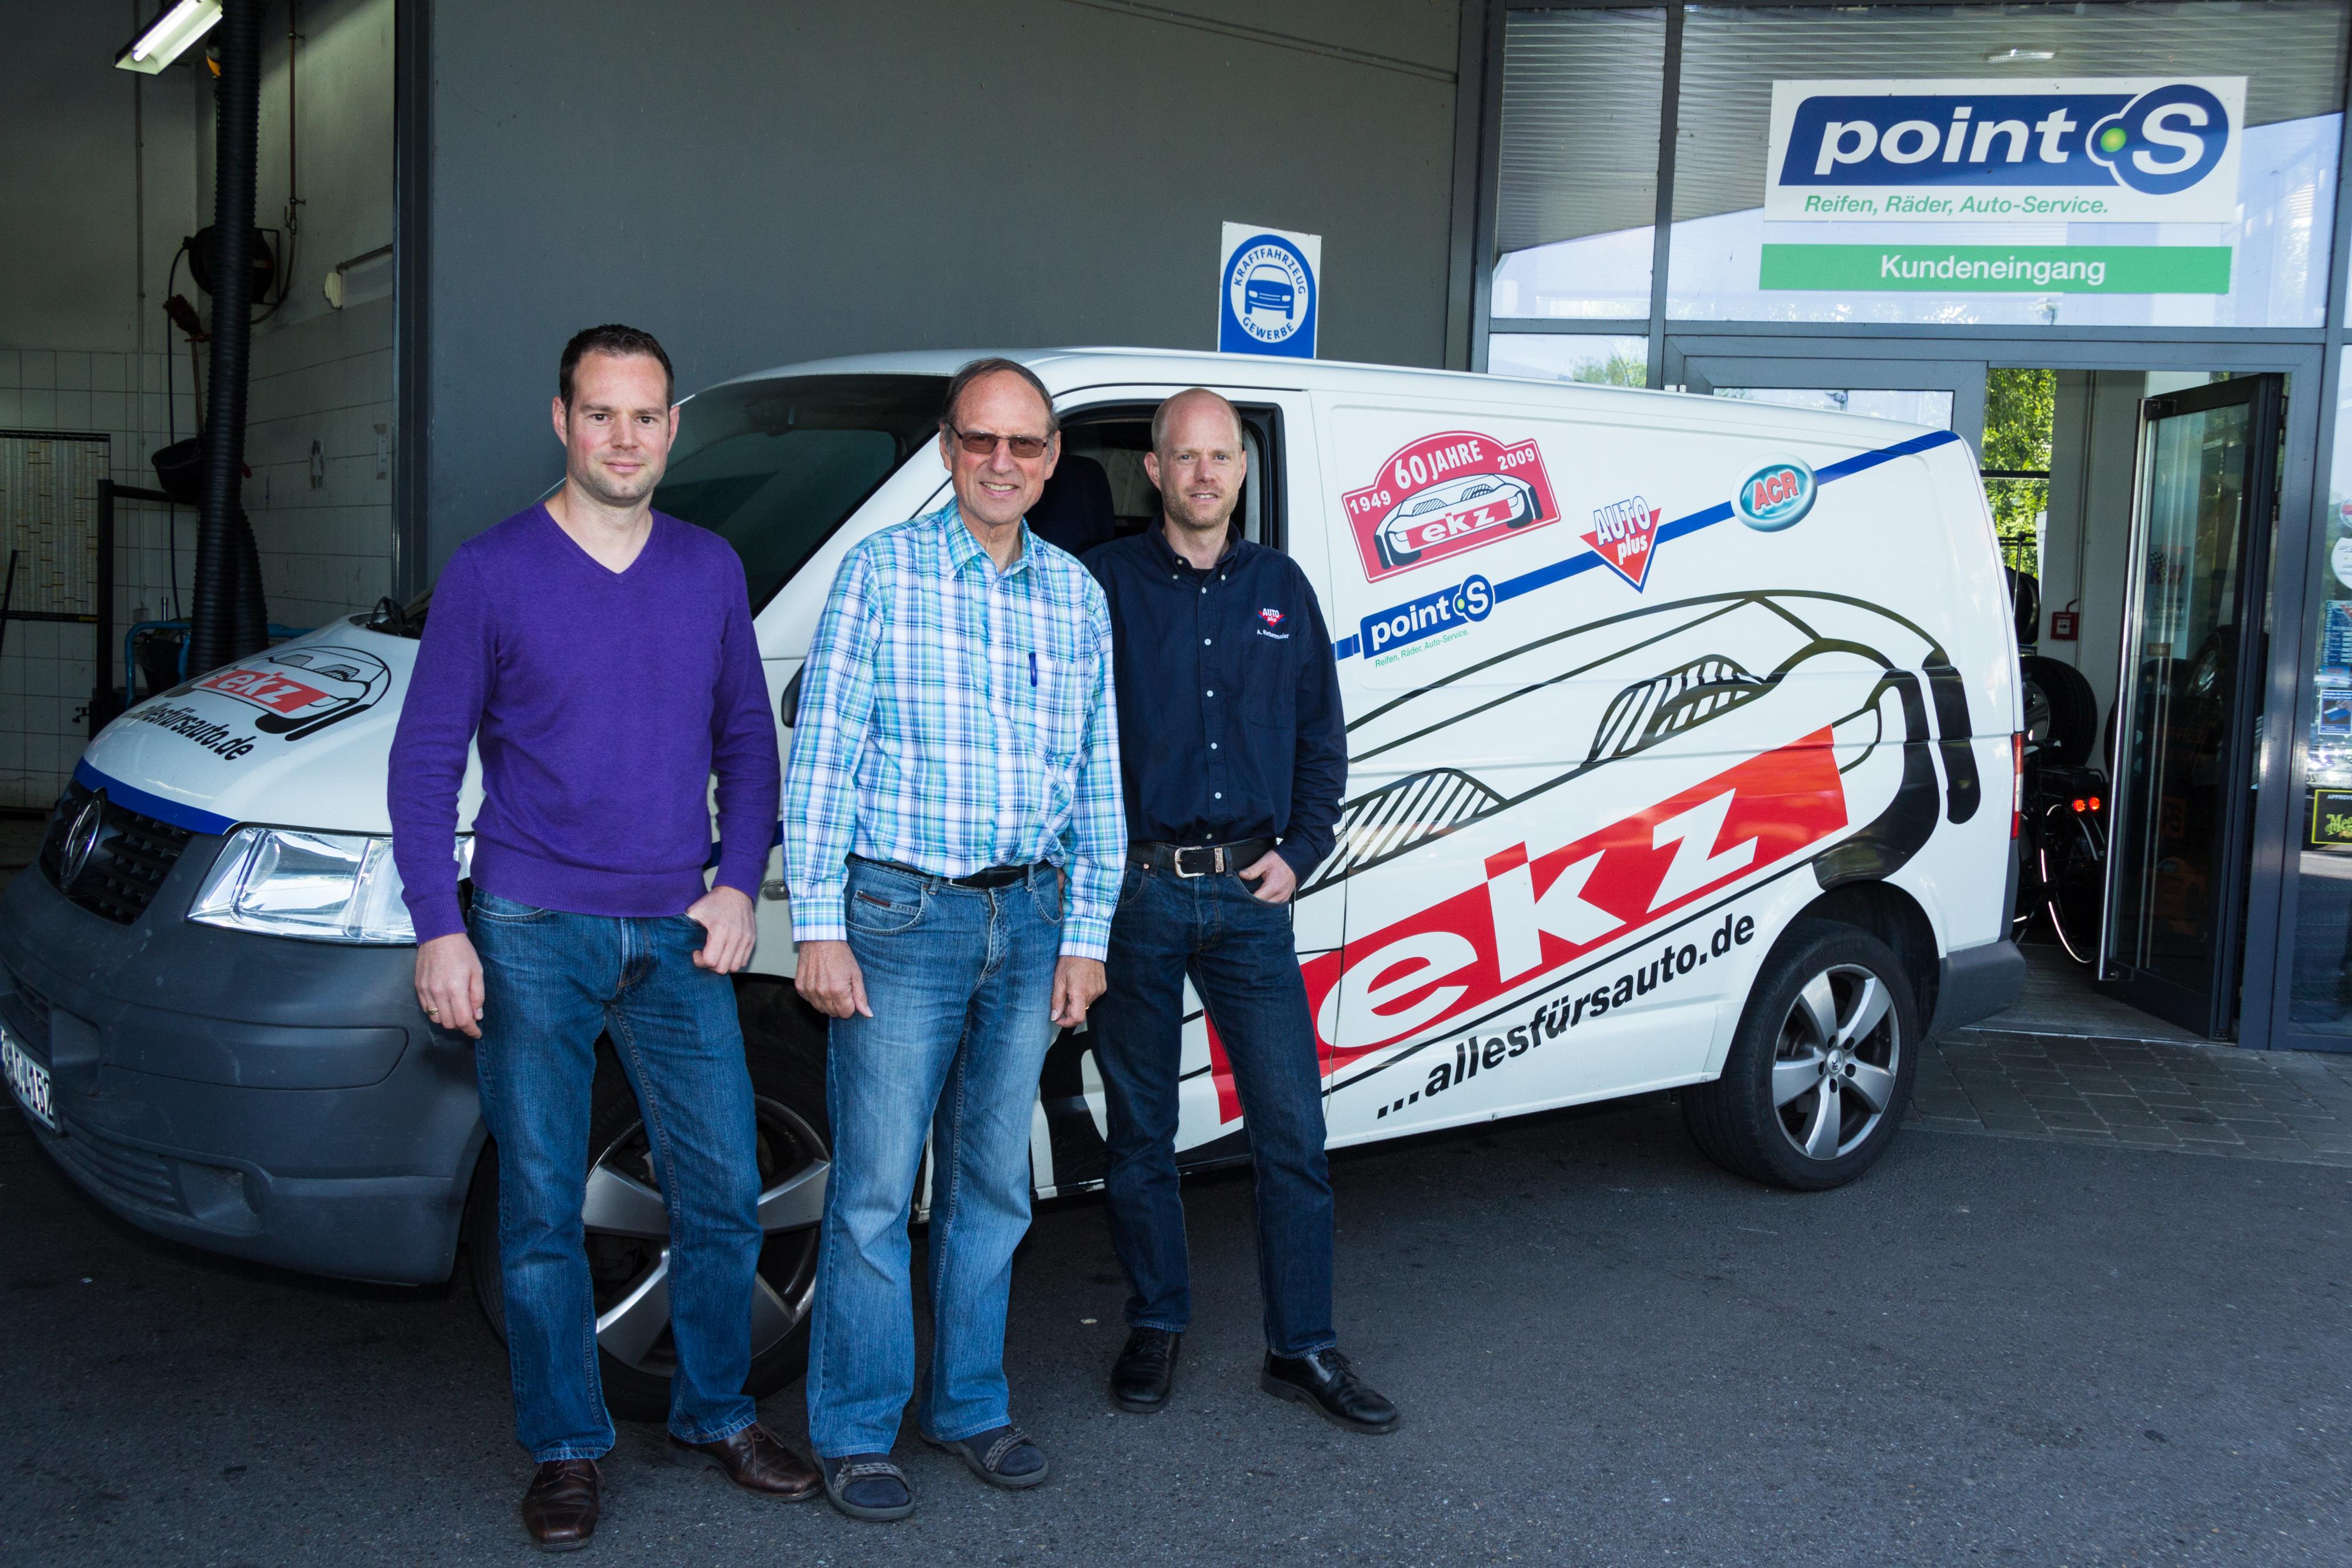 ekz Rettenmaier GmbH & Co. KG